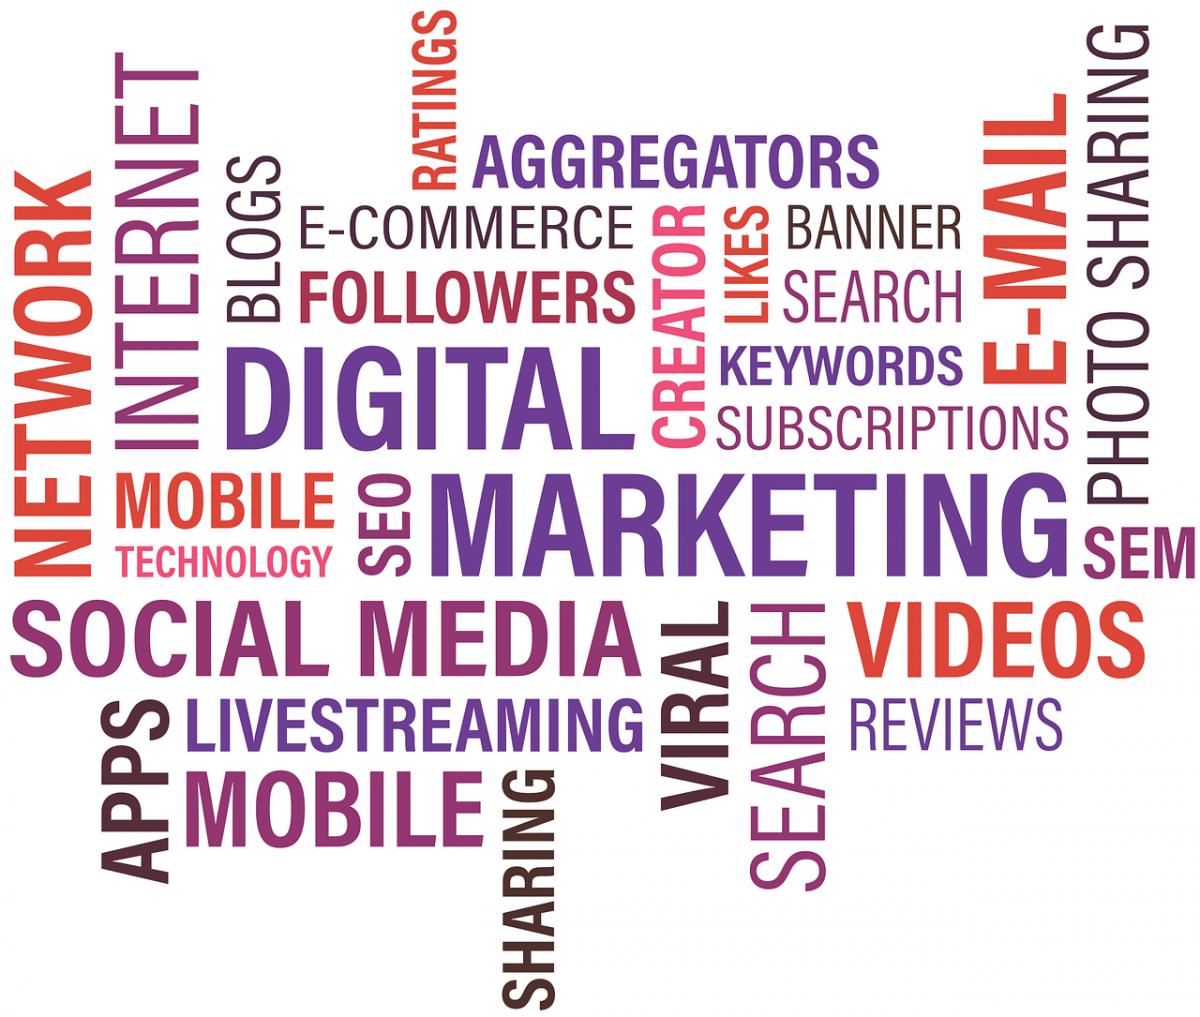 Viral News Webster Terms: Digital Marketing Trends 2017